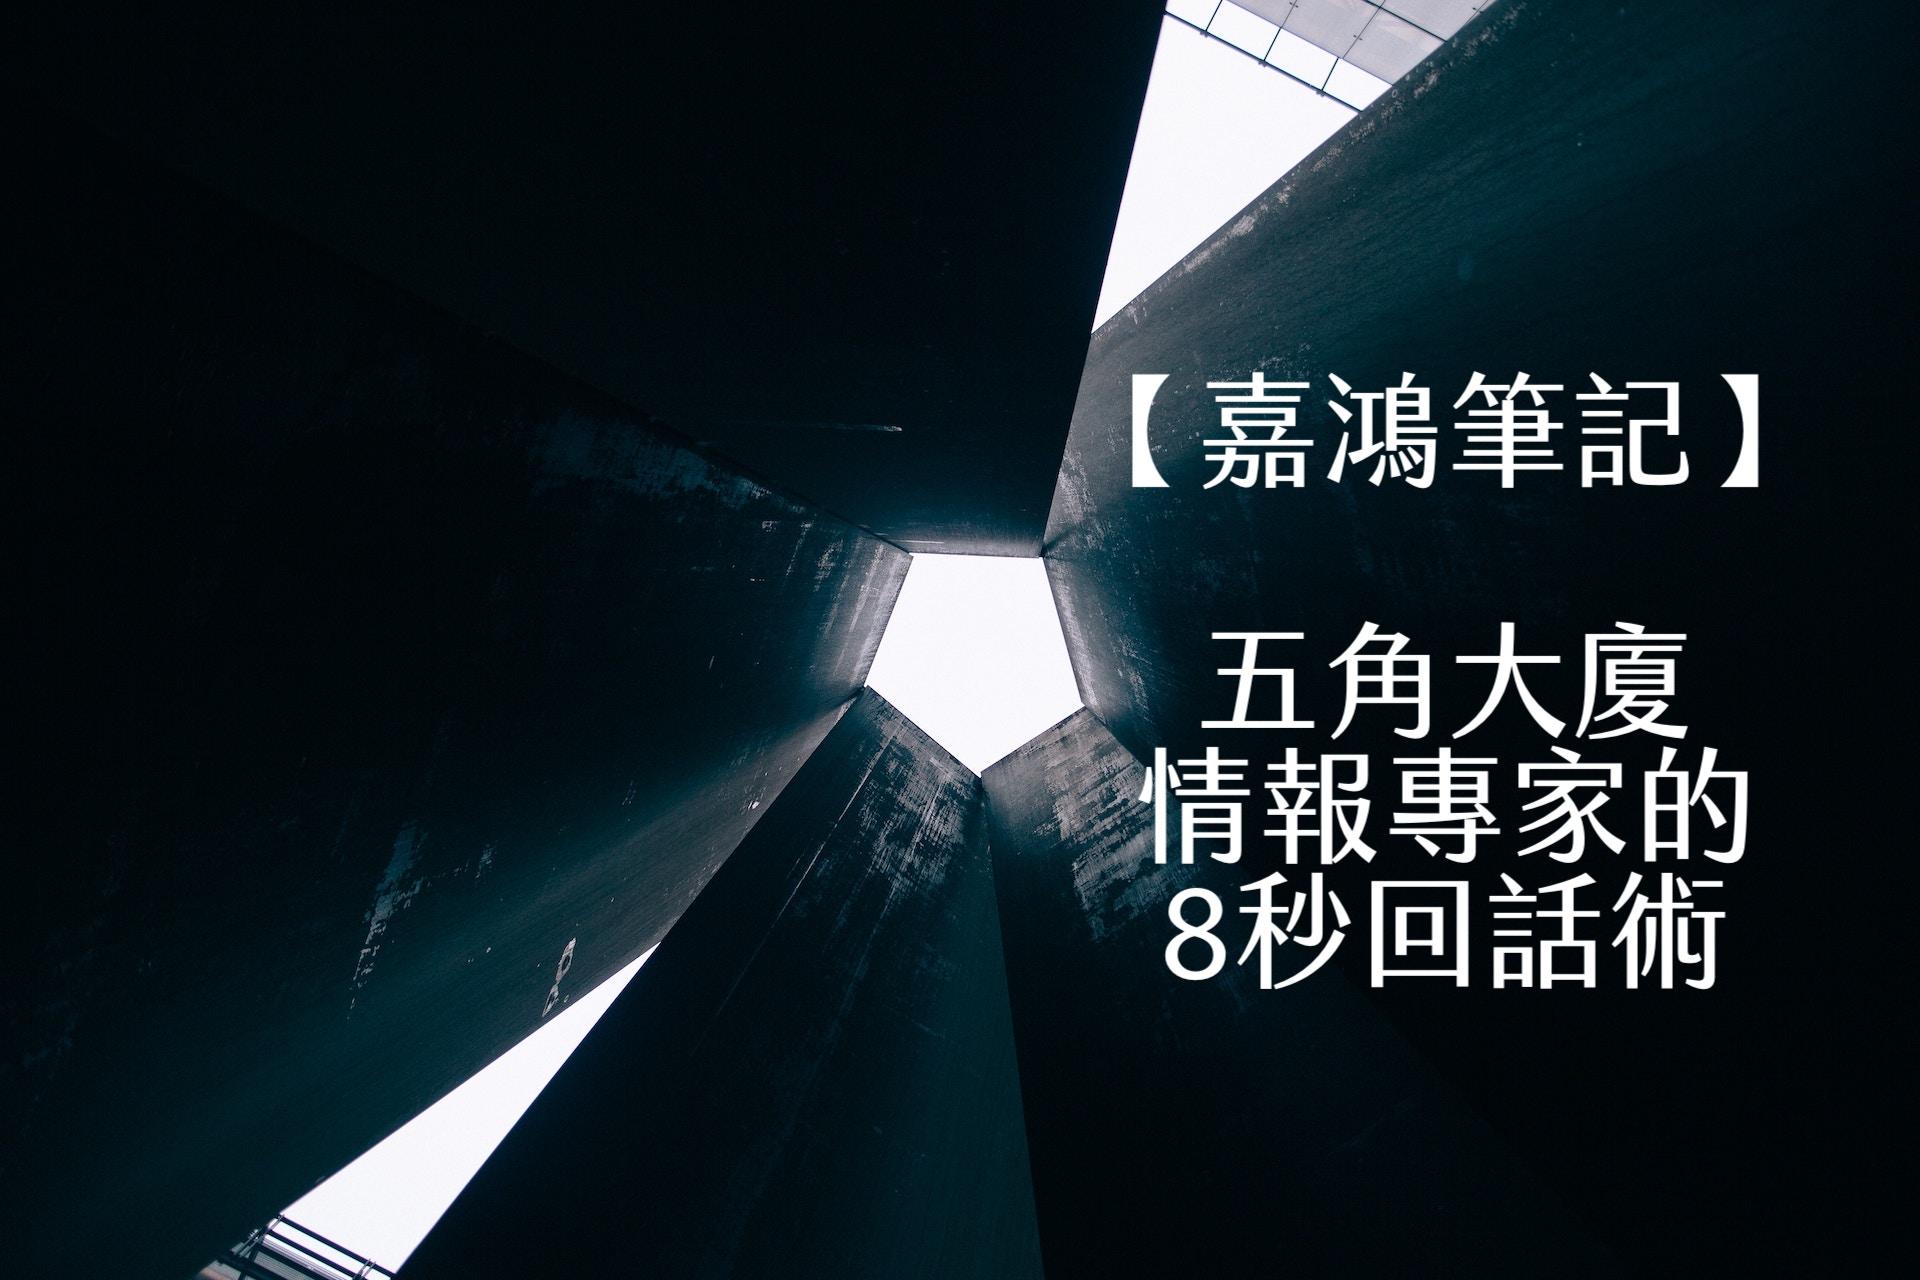 【嘉鴻筆記】五角大廈情報專家的8秒回話術 3